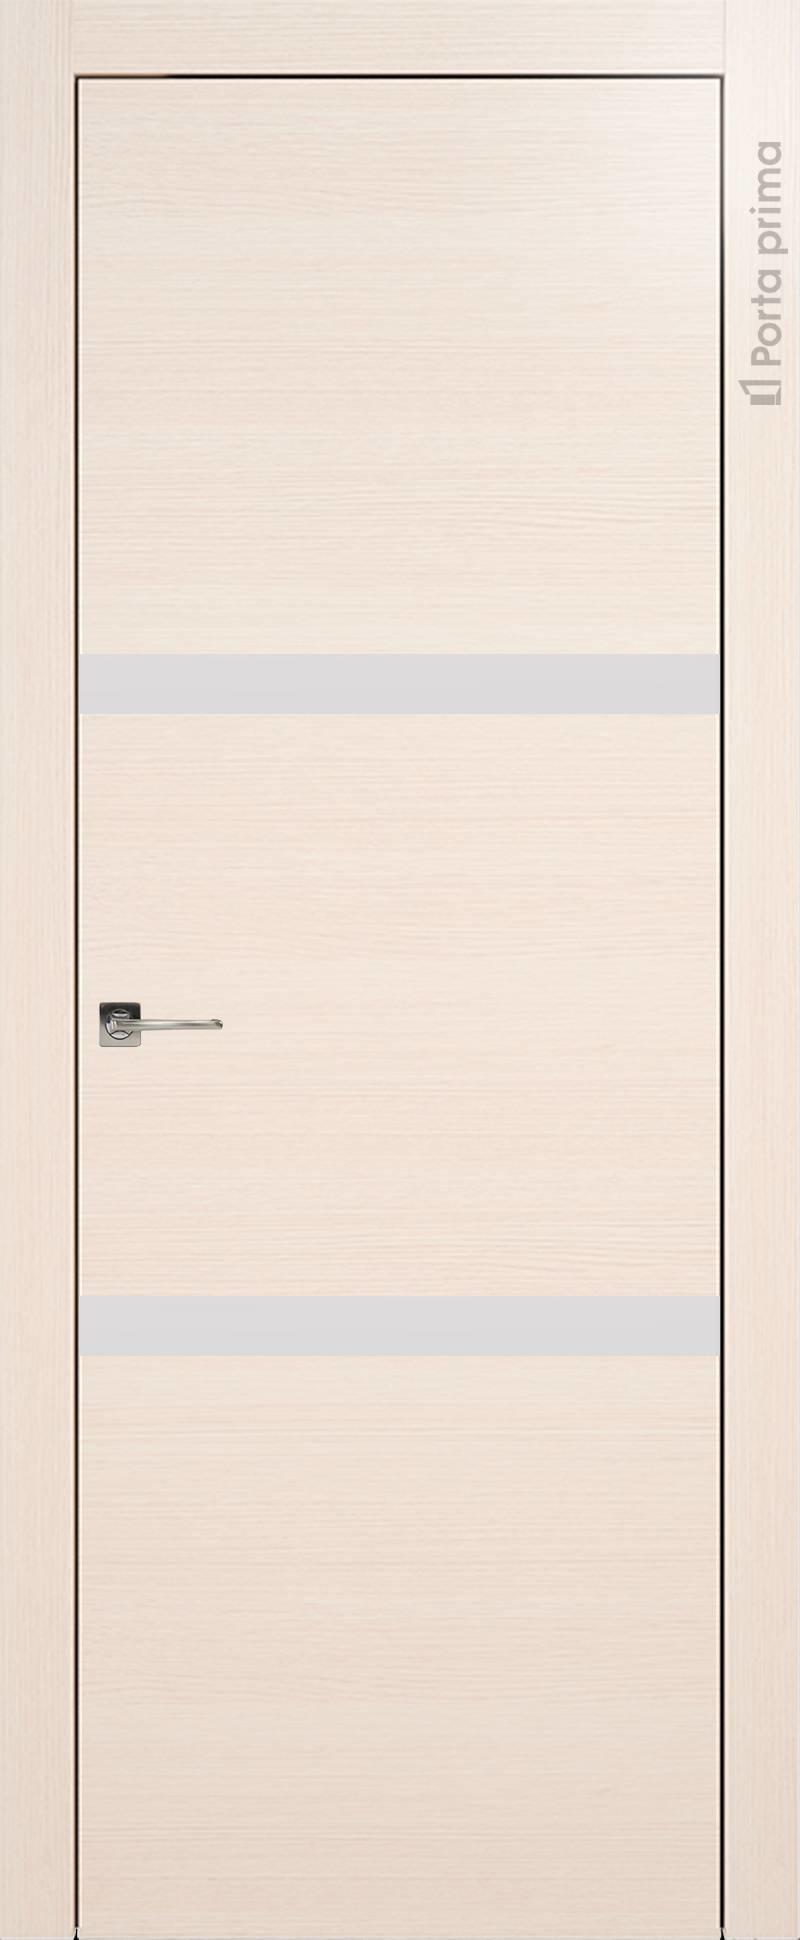 Tivoli В-4 цвет - Беленый дуб Без стекла (ДГ)